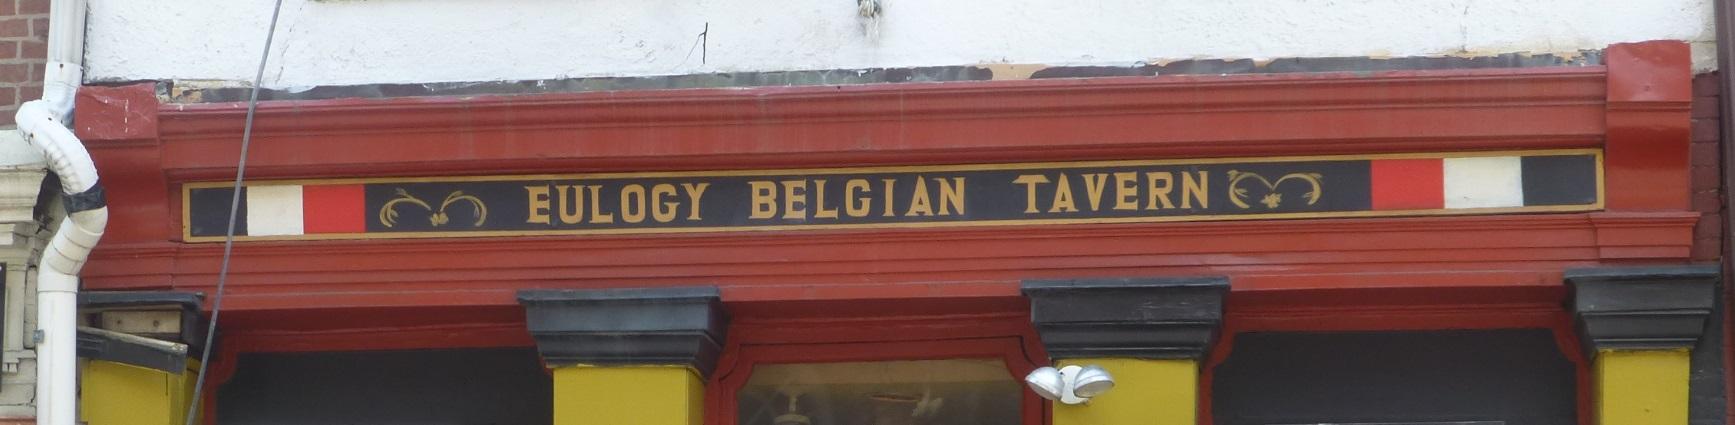 Eulogy Belgian Tavern, Philadelphia, Bier in Pennsylavania, Bier vor Ort, Bierreisen, Craft Beer, Bierbar